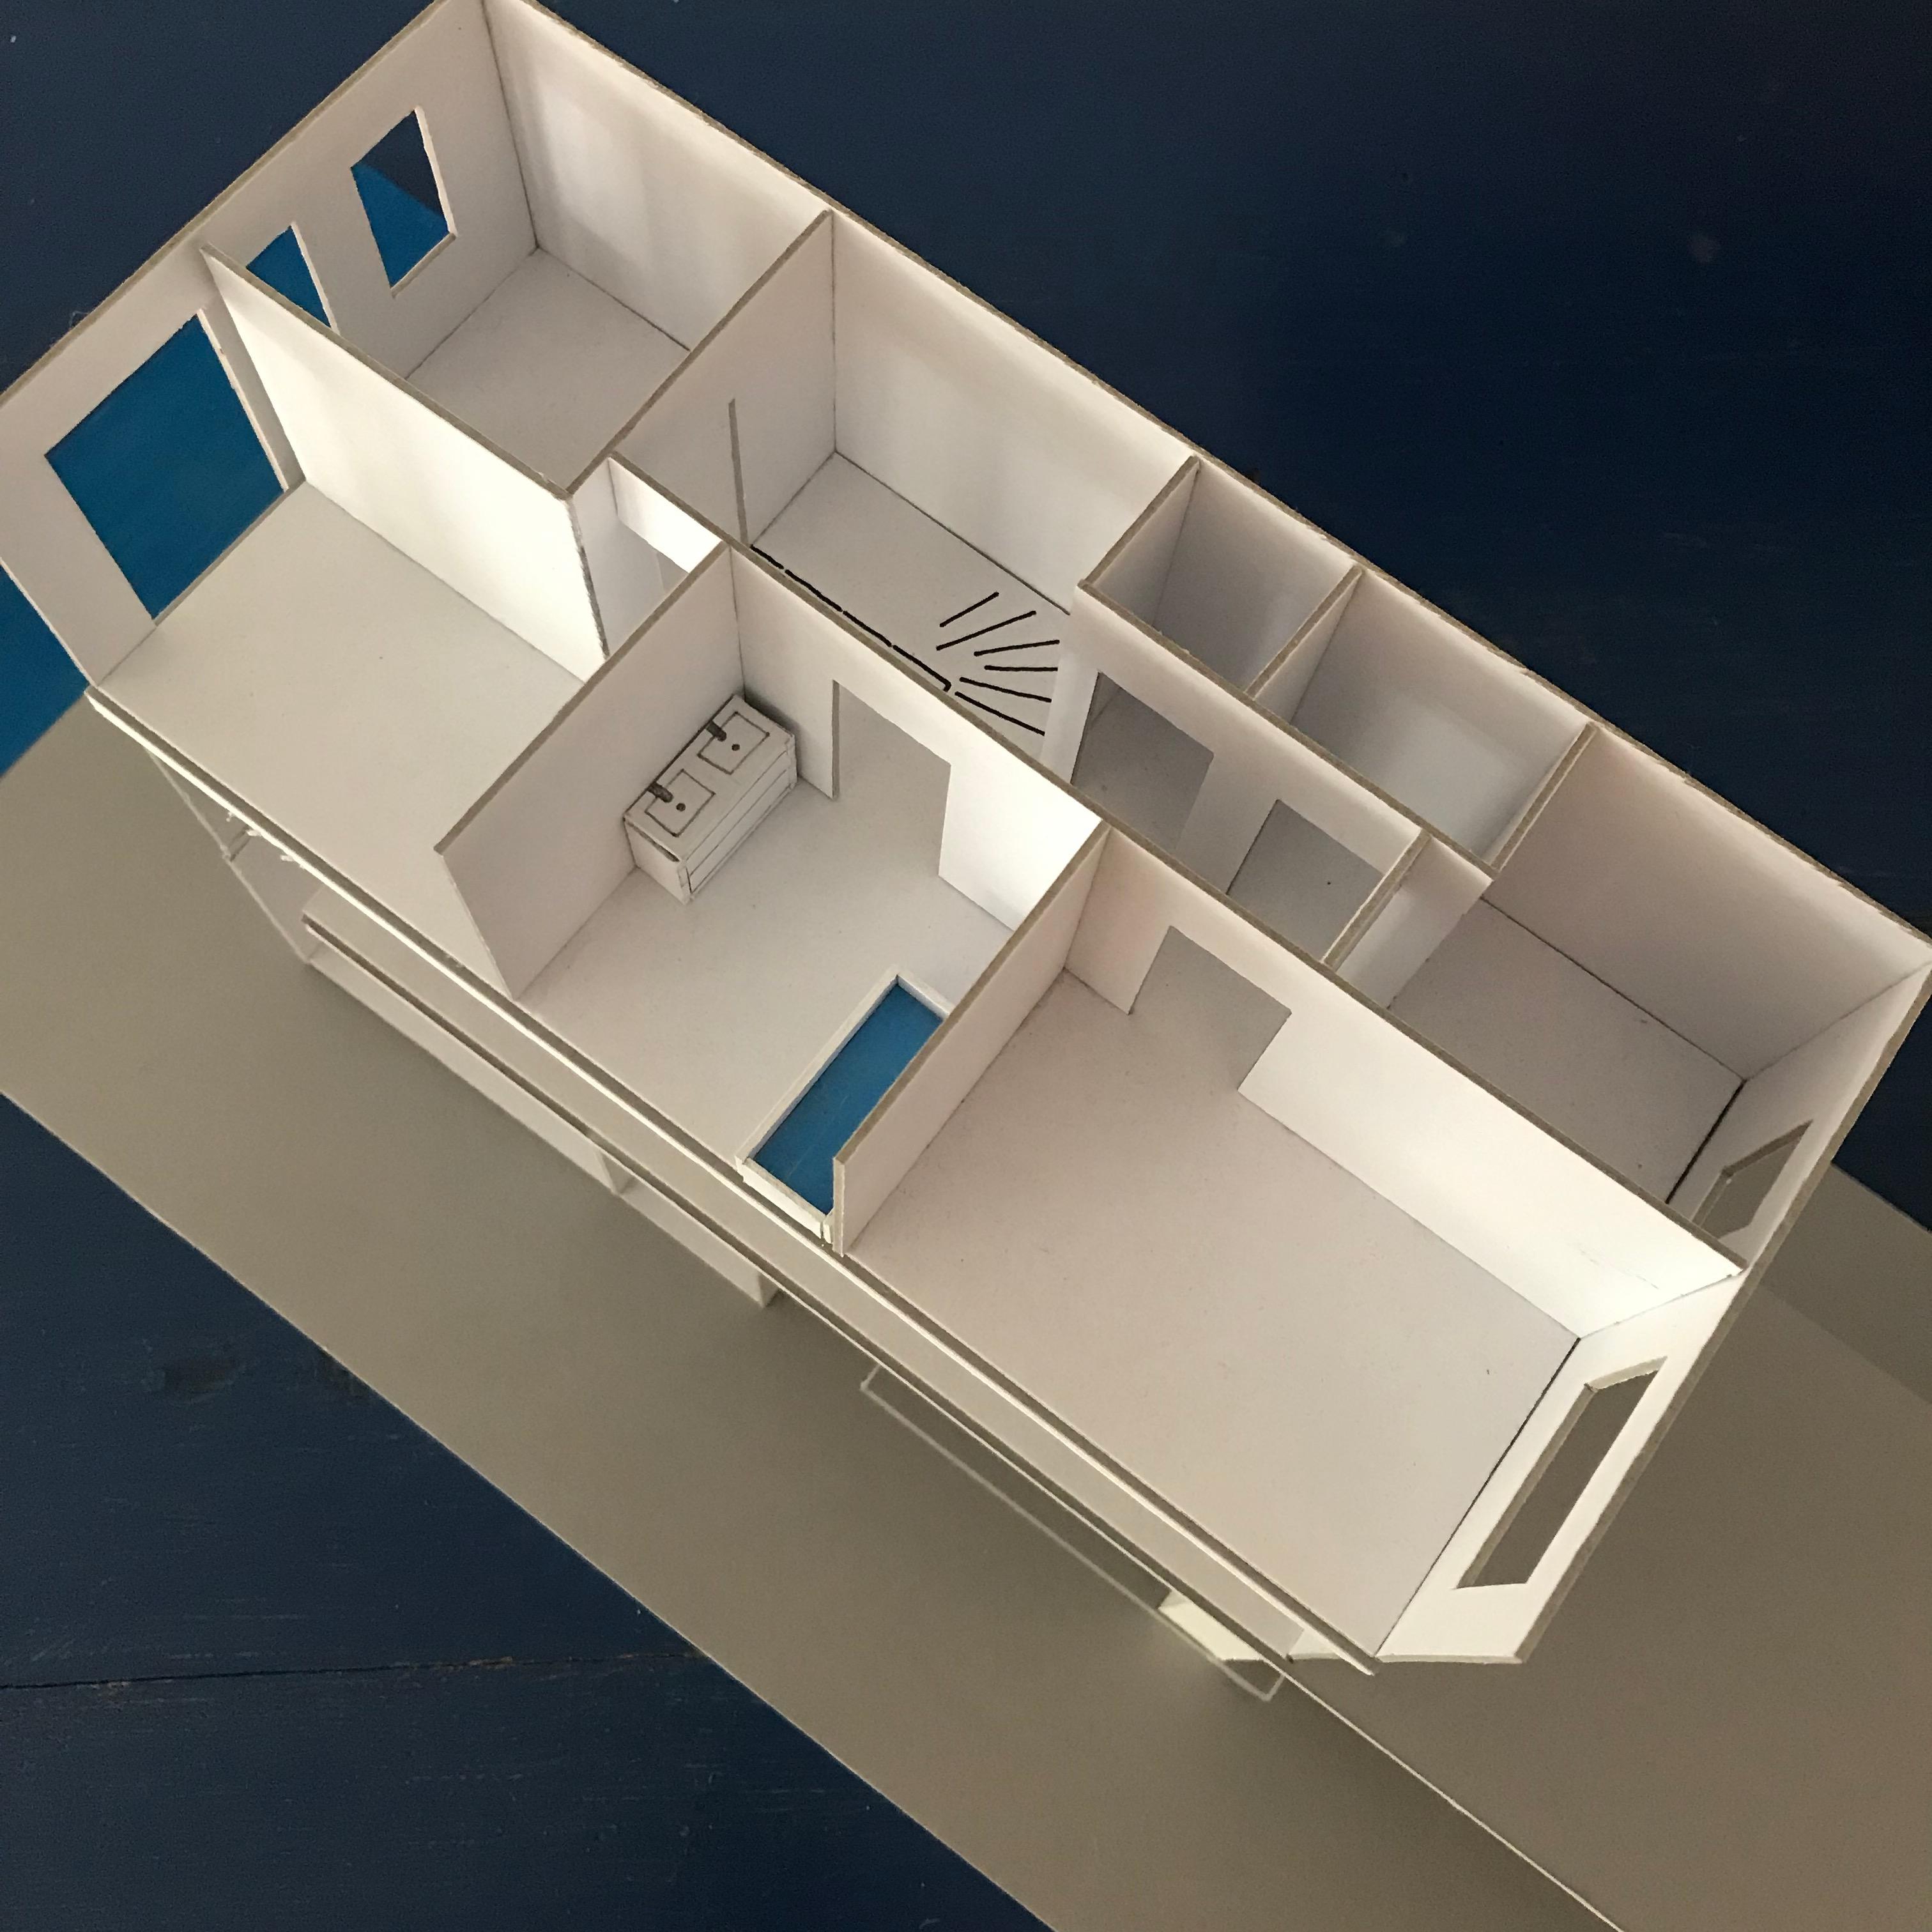 Maquette nieuwbouw nieuwbouwwoning nieuwbouwhuis Defensie-eiland Midden Woerden